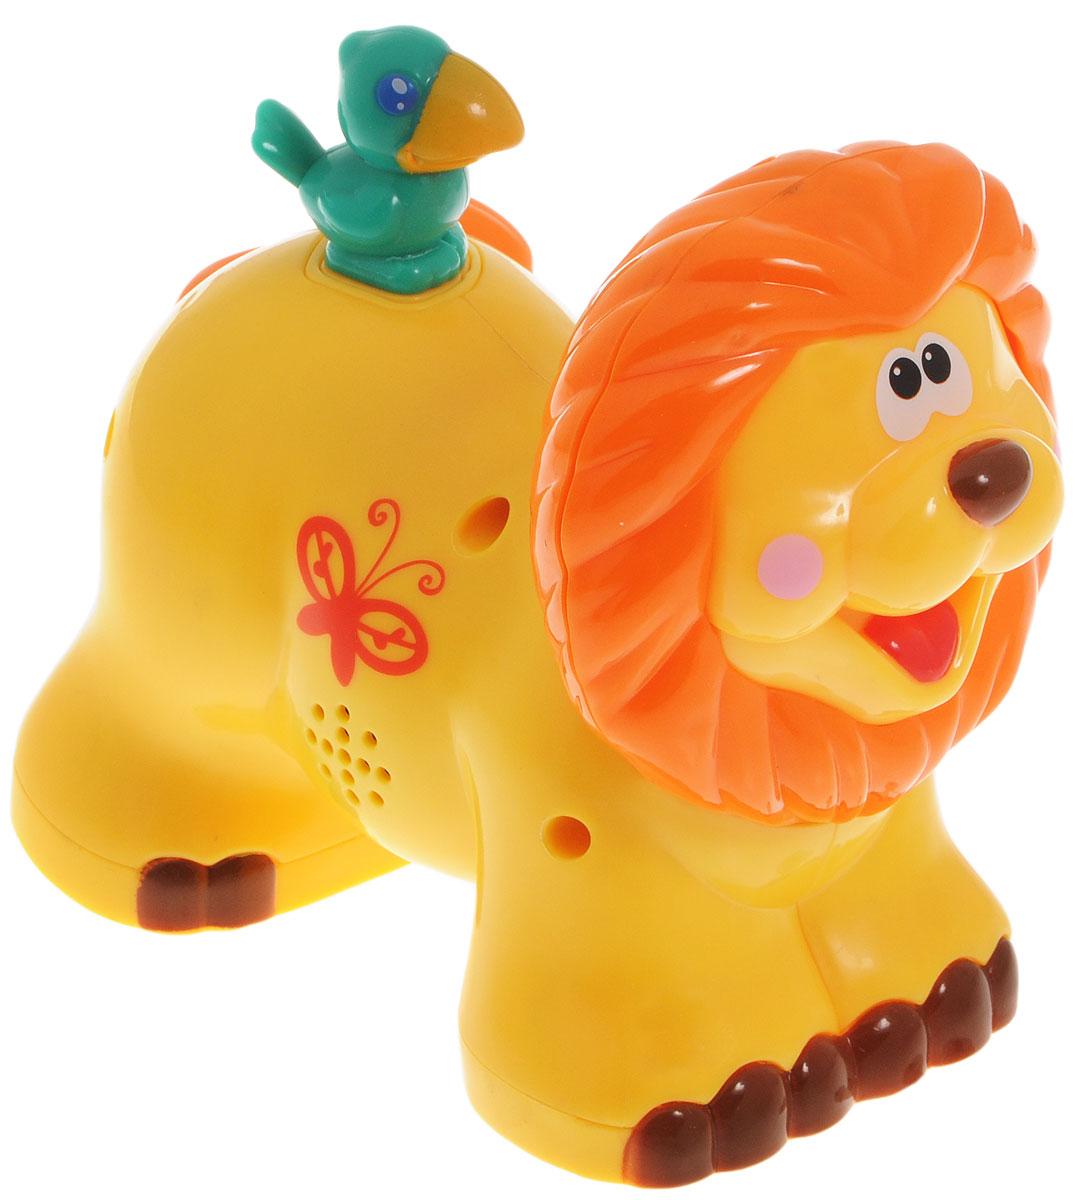 Kiddieland Развивающая игрушка-каталка ЛевKID 051706Развивающая игрушка-каталка Kiddieland Лев понравится вашему ребенку и не позволит ему скучать. Игрушка выполнена в виде симпатичного льва с птичкой, сидящей у него на спине. При нажатии на птичку и движении колесиков звучит веселая музыка, периодически раздается львиный рык. Игрушка оснащена колесиками с инерционным ходом: достаточно немного отвести игрушку назад и отпустить - она тут же поедет вперед. При движении мордочка льва шевелится. Игрушка-каталка Kiddieland Львенок поможет малышу в развитии цветового и звукового восприятия, мелкой моторики рук, координации движений, когнитивных навыков. Для работы игрушки необходимы 3 батарейки напряжением 1,5 V типа AG13 (LR44) (товар комплектуется демонстрационными).